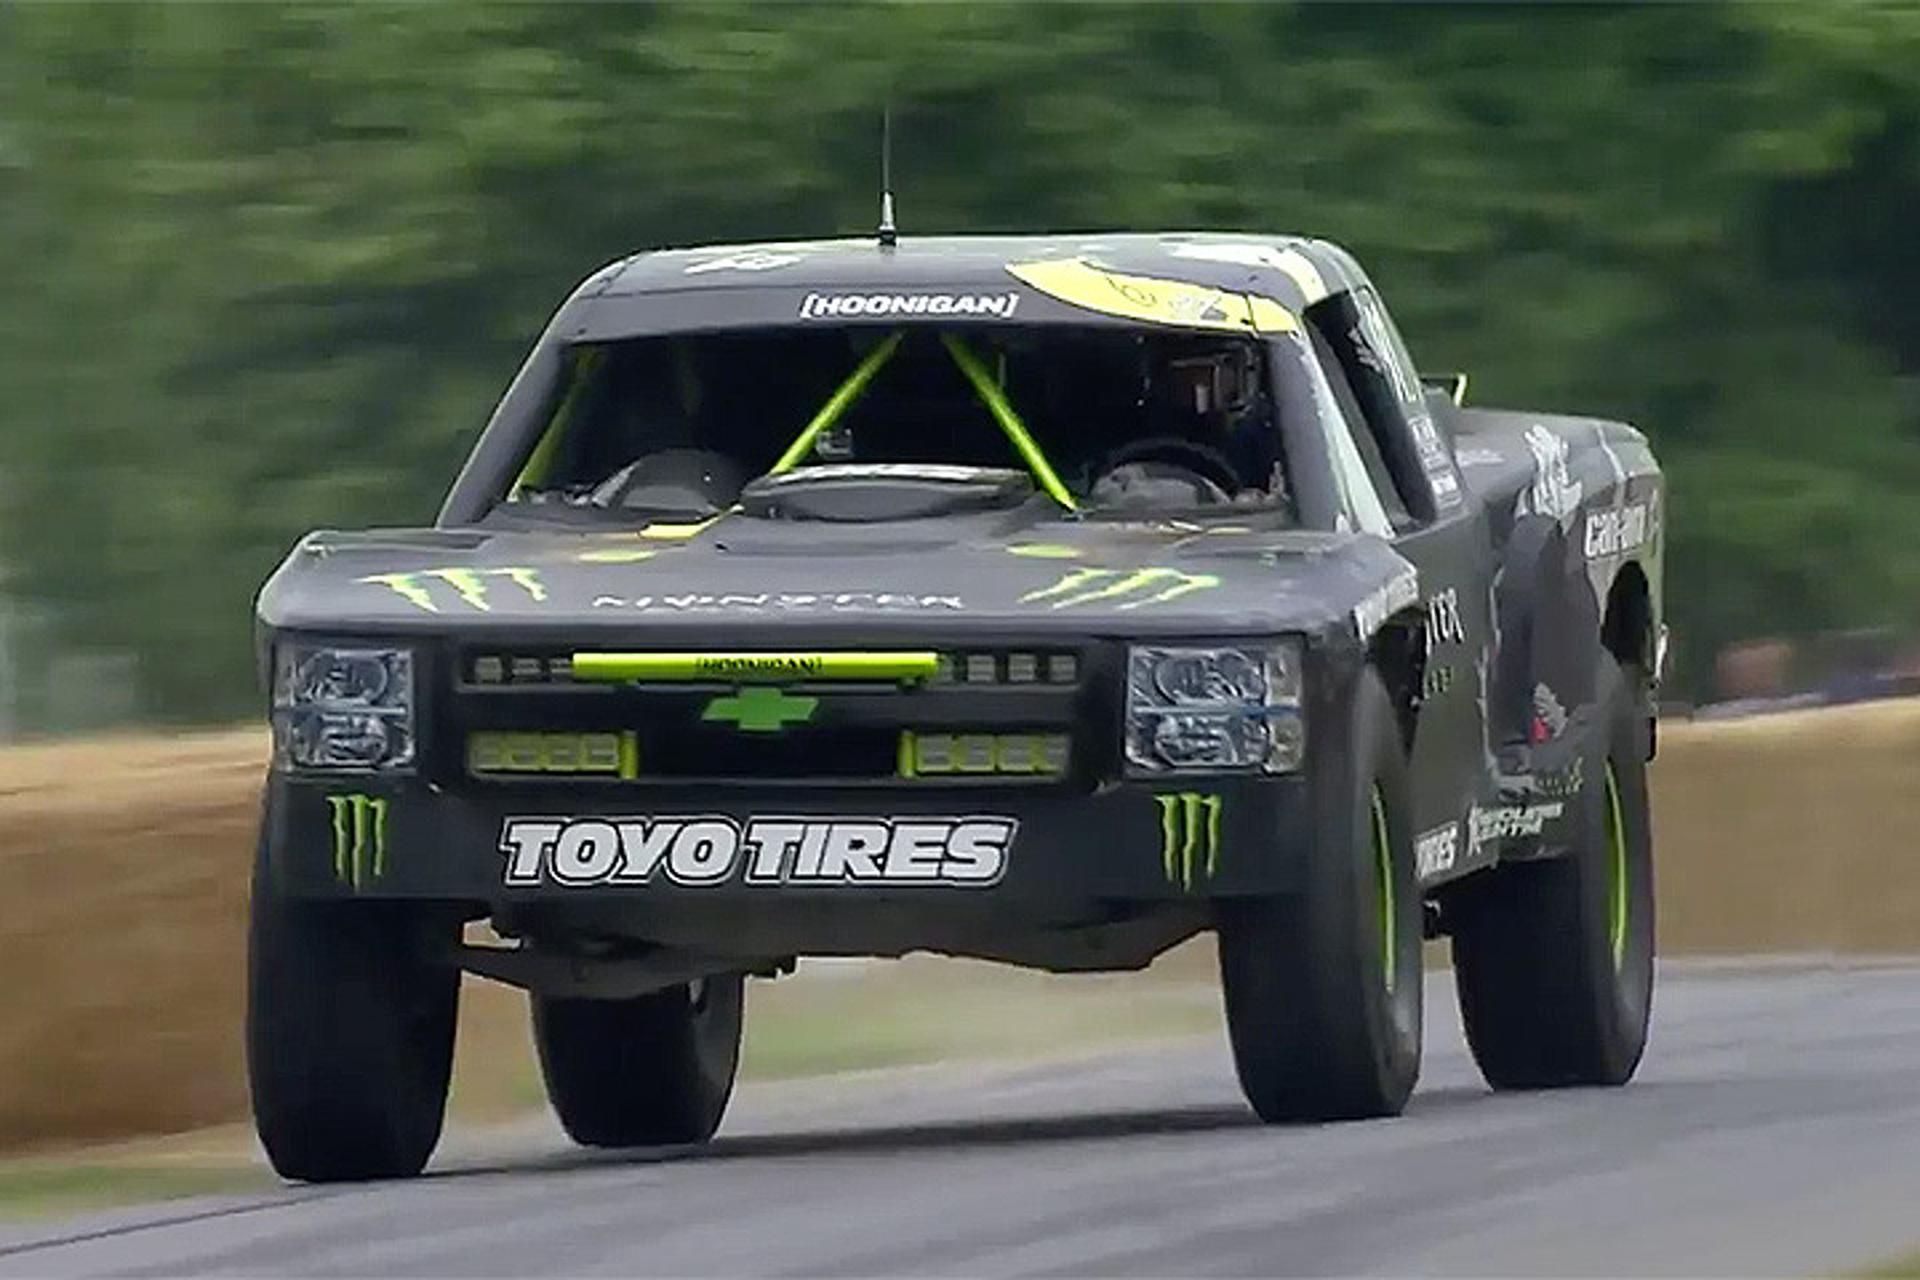 Watch Bj Baldwin Unleash His 800hp Chevrolet Trophy Truck Motor1 Com Photos